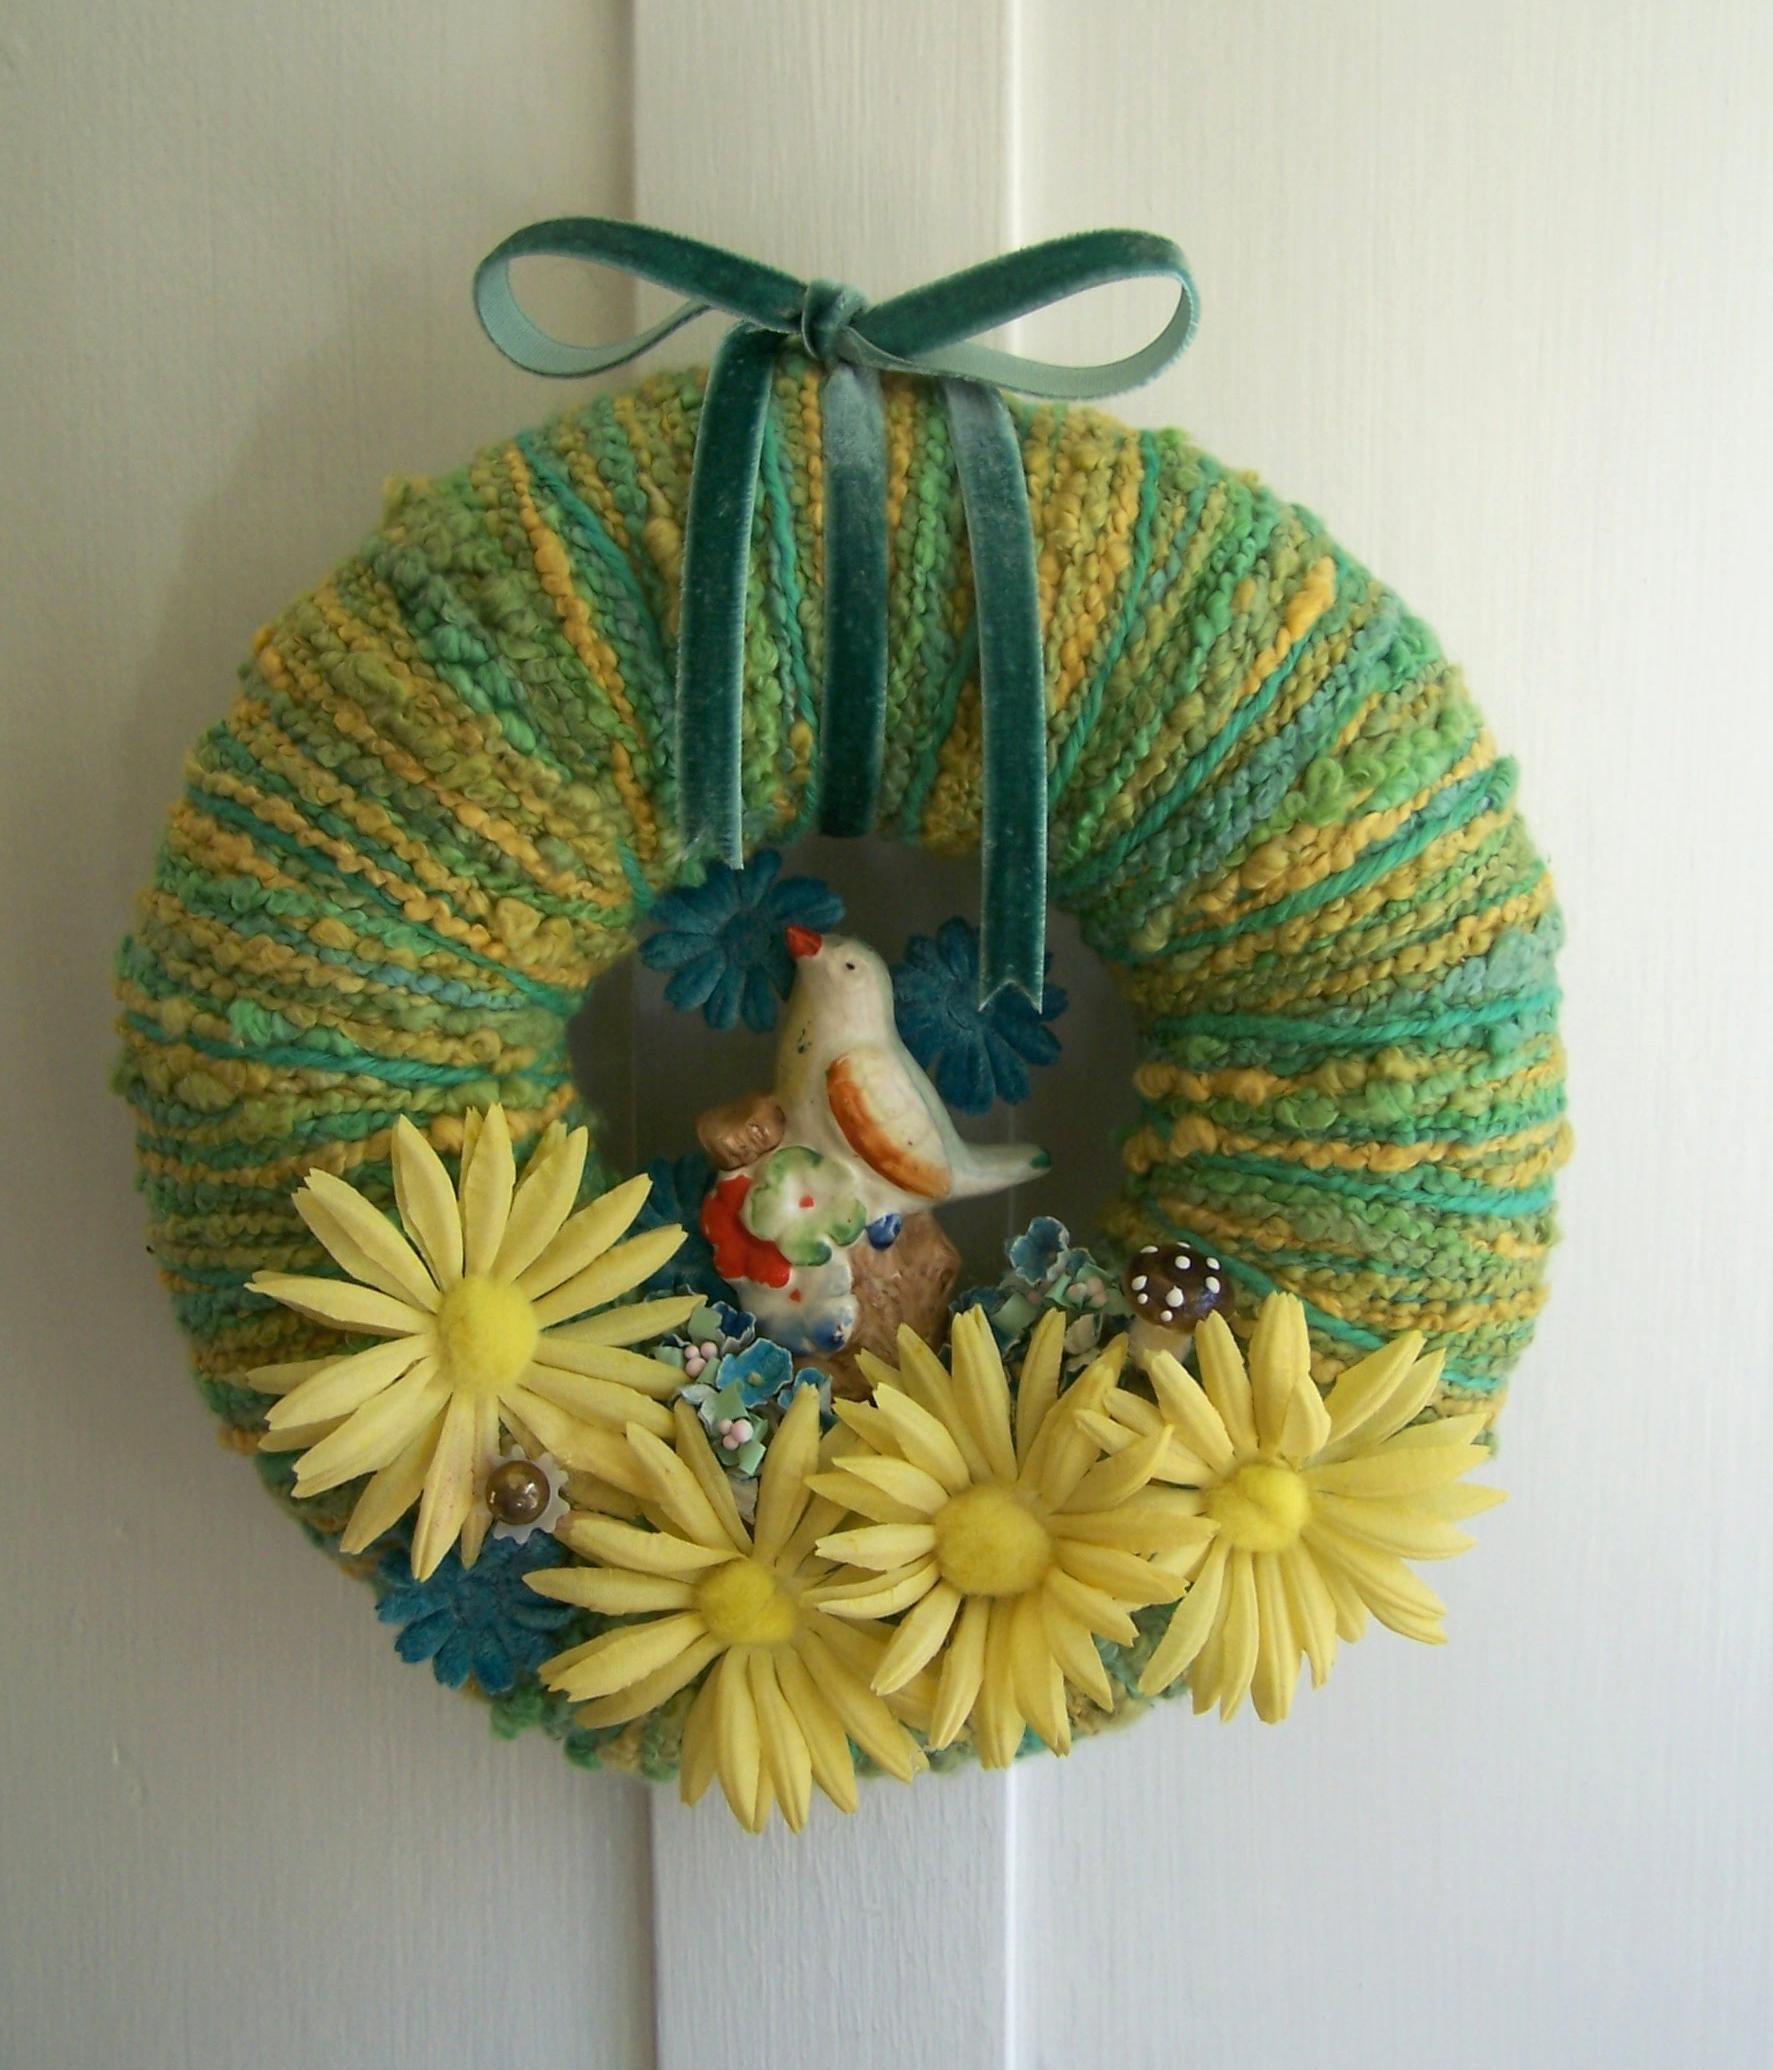 Little Bird & Yarn Wreath